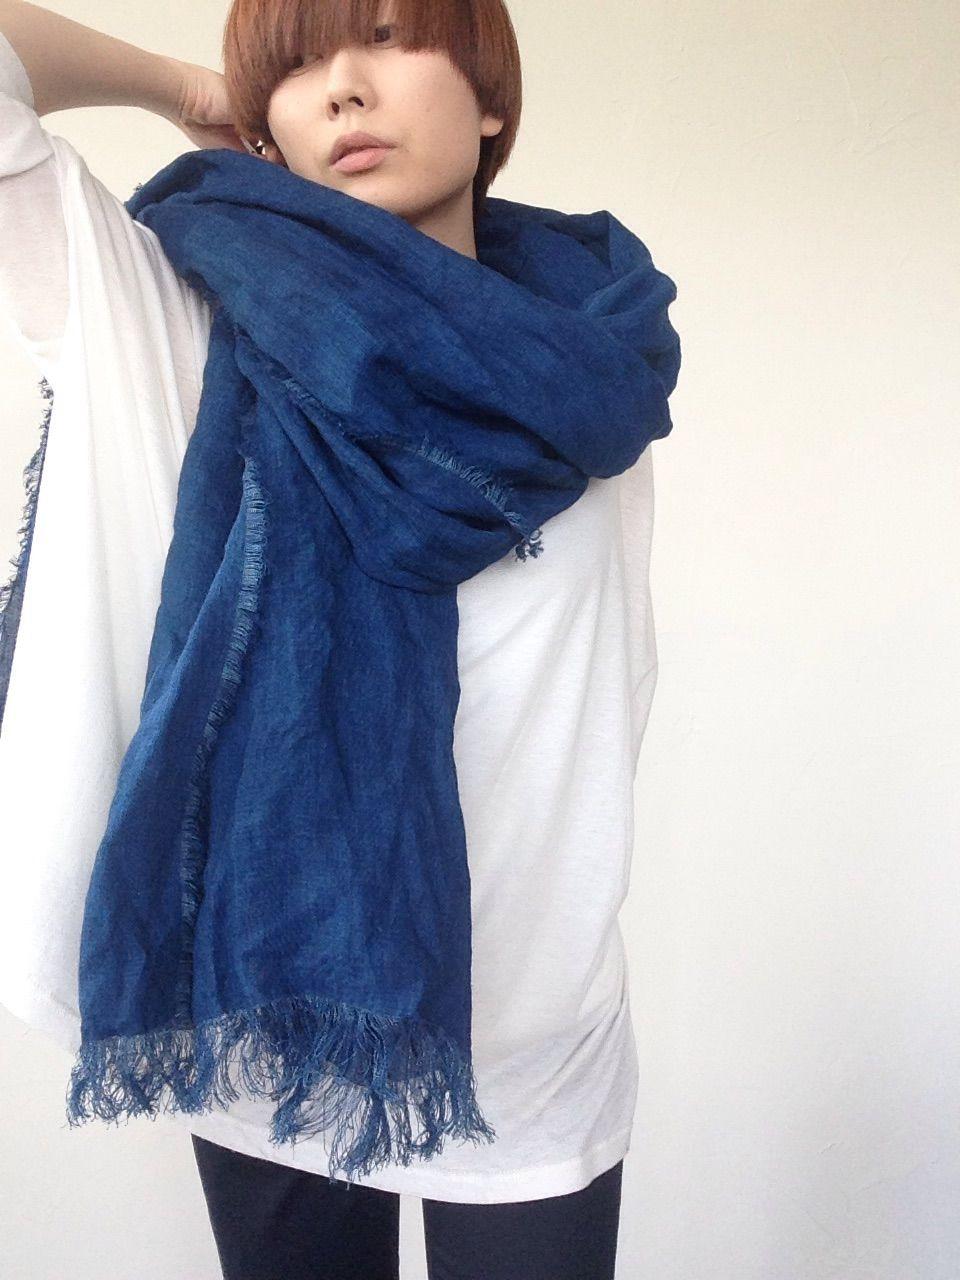 【あおもり藍コラボ】育てるリネンストール  藍色